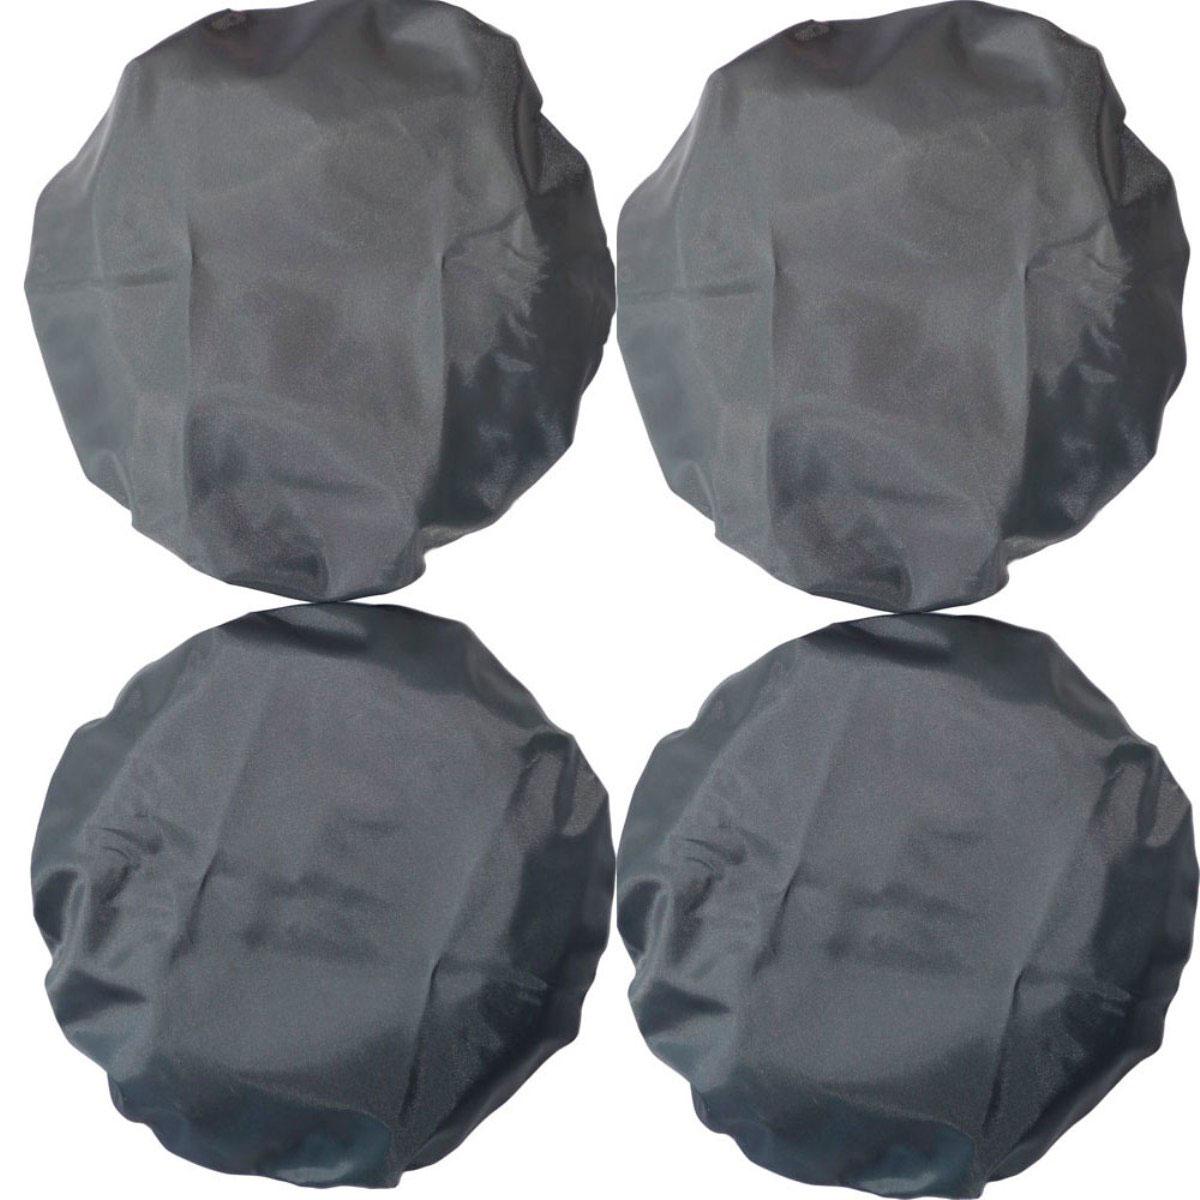 Чудо-Чадо Чехлы на колеса для коляски диаметр 18-28 см цвет мокрый асфальт 4 шт -  Коляски и аксессуары